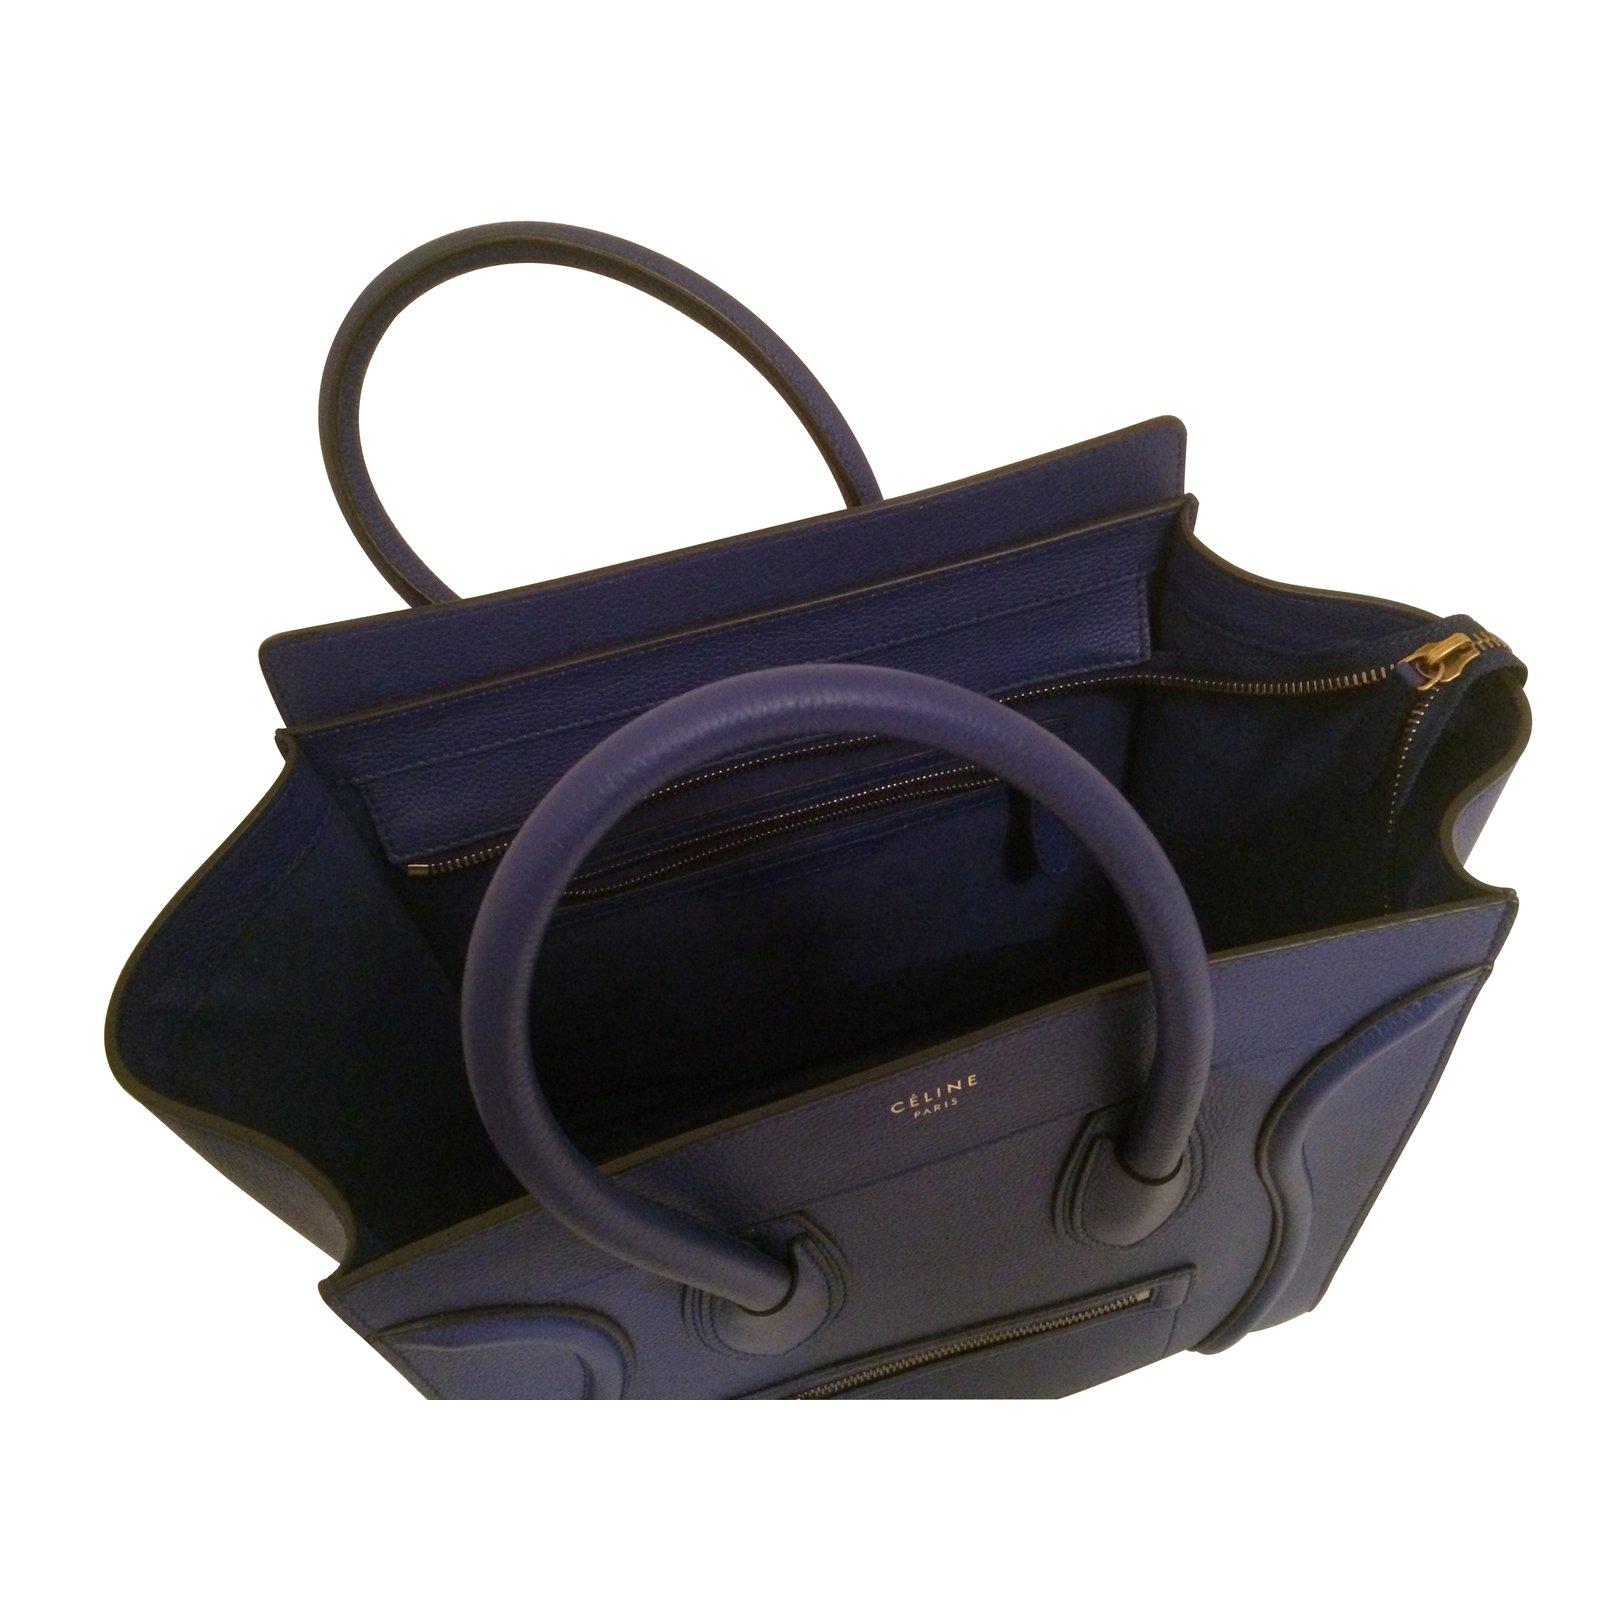 Sac à main Celine Luggage grand modèle en cuir bleu